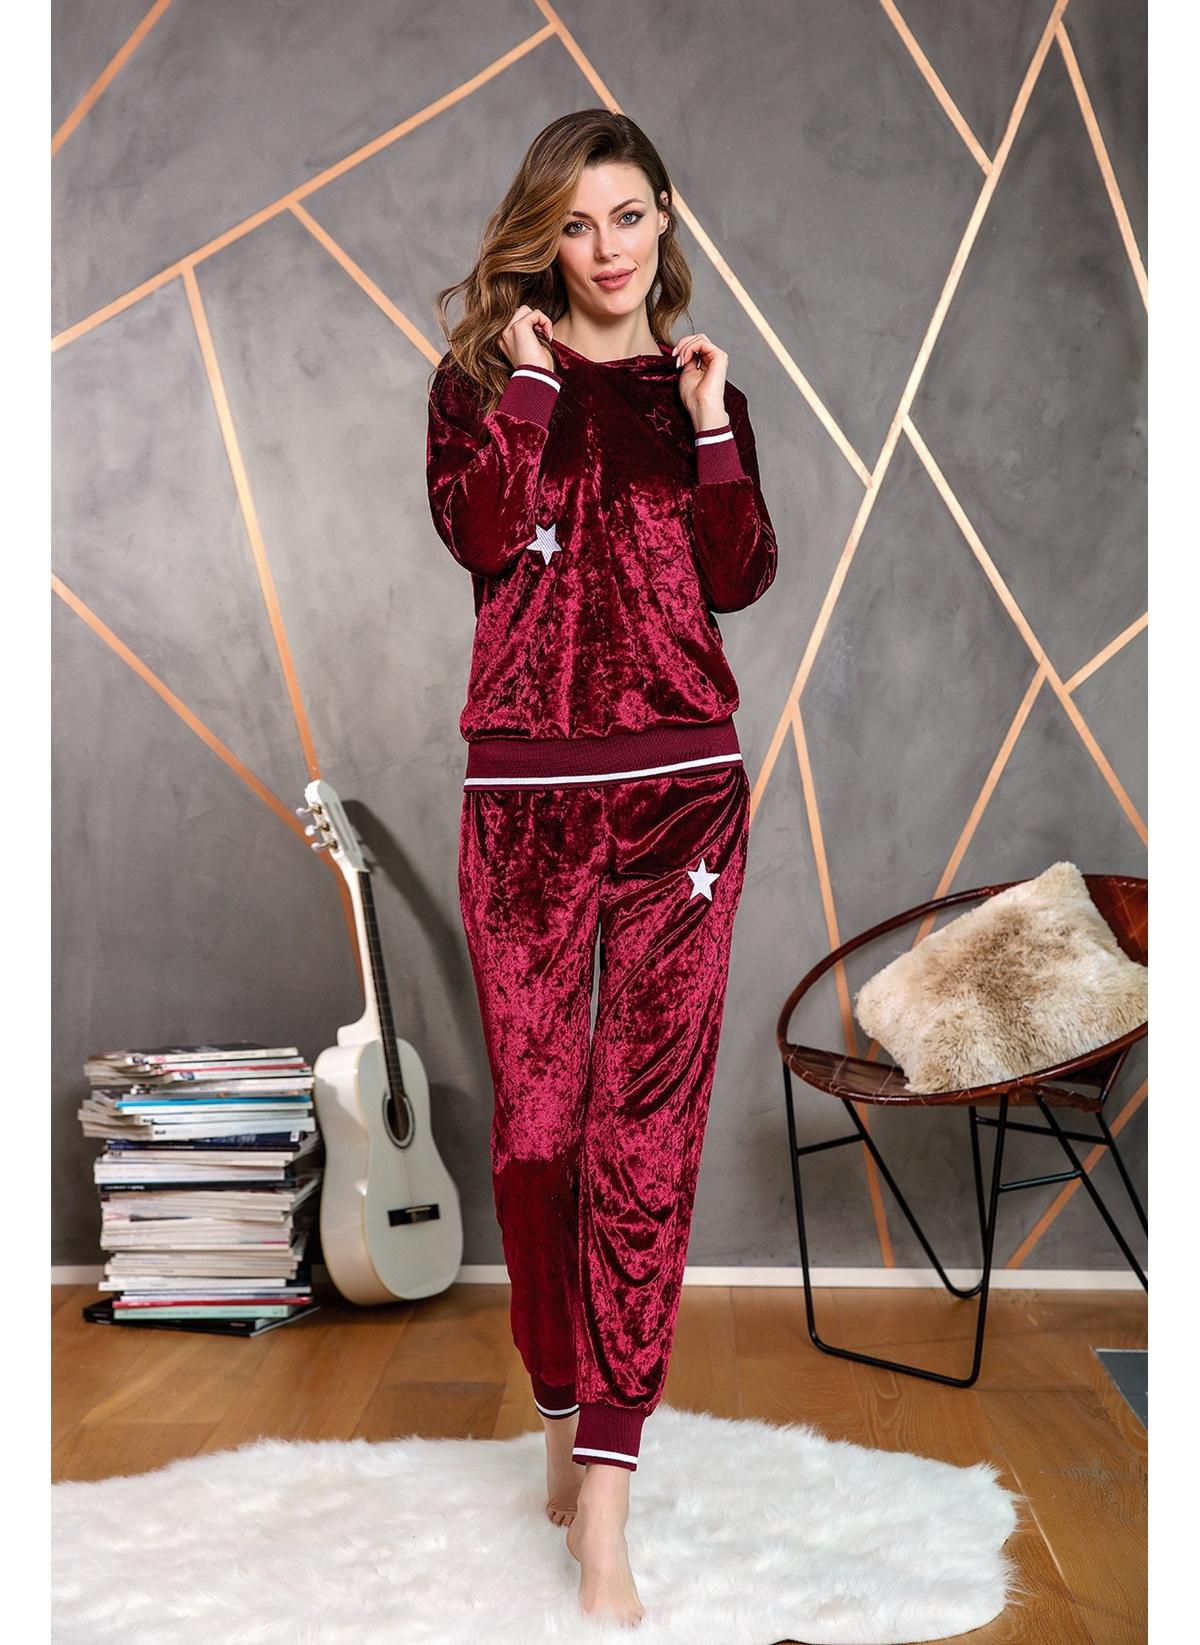 Anıl Kadın Pijama Kışlık Kadife Kapüşonlu Bluz Pantolon 2'li Takım MAN9613 Bilekleri Lastikli Kadife Uzun K